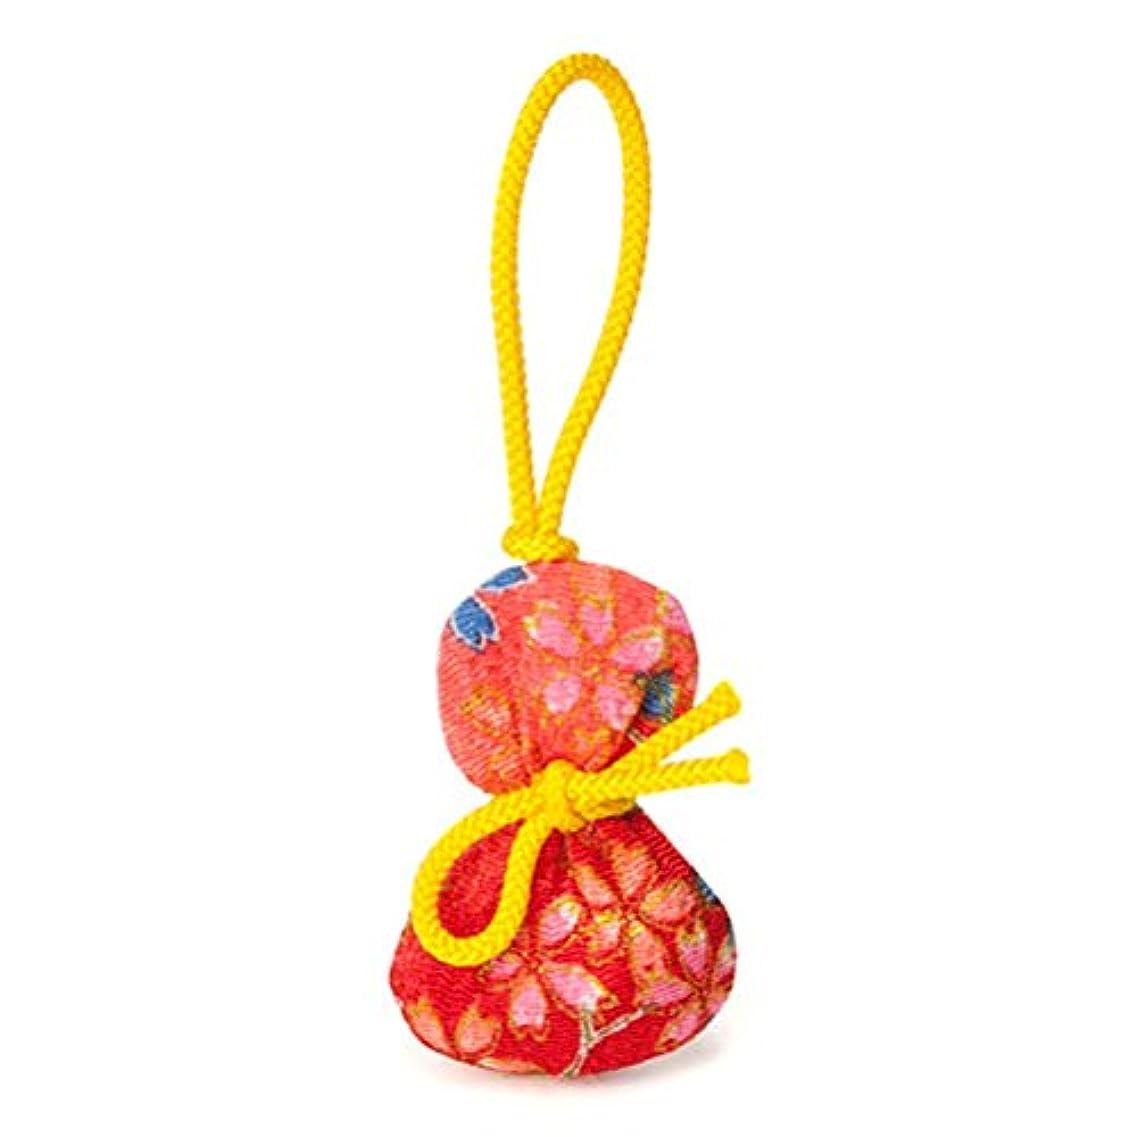 貫通量遅滞松栄堂 匂い袋 誰が袖 ふくべ 1個入 ケースなし (柄か無地をお選びください) (柄)